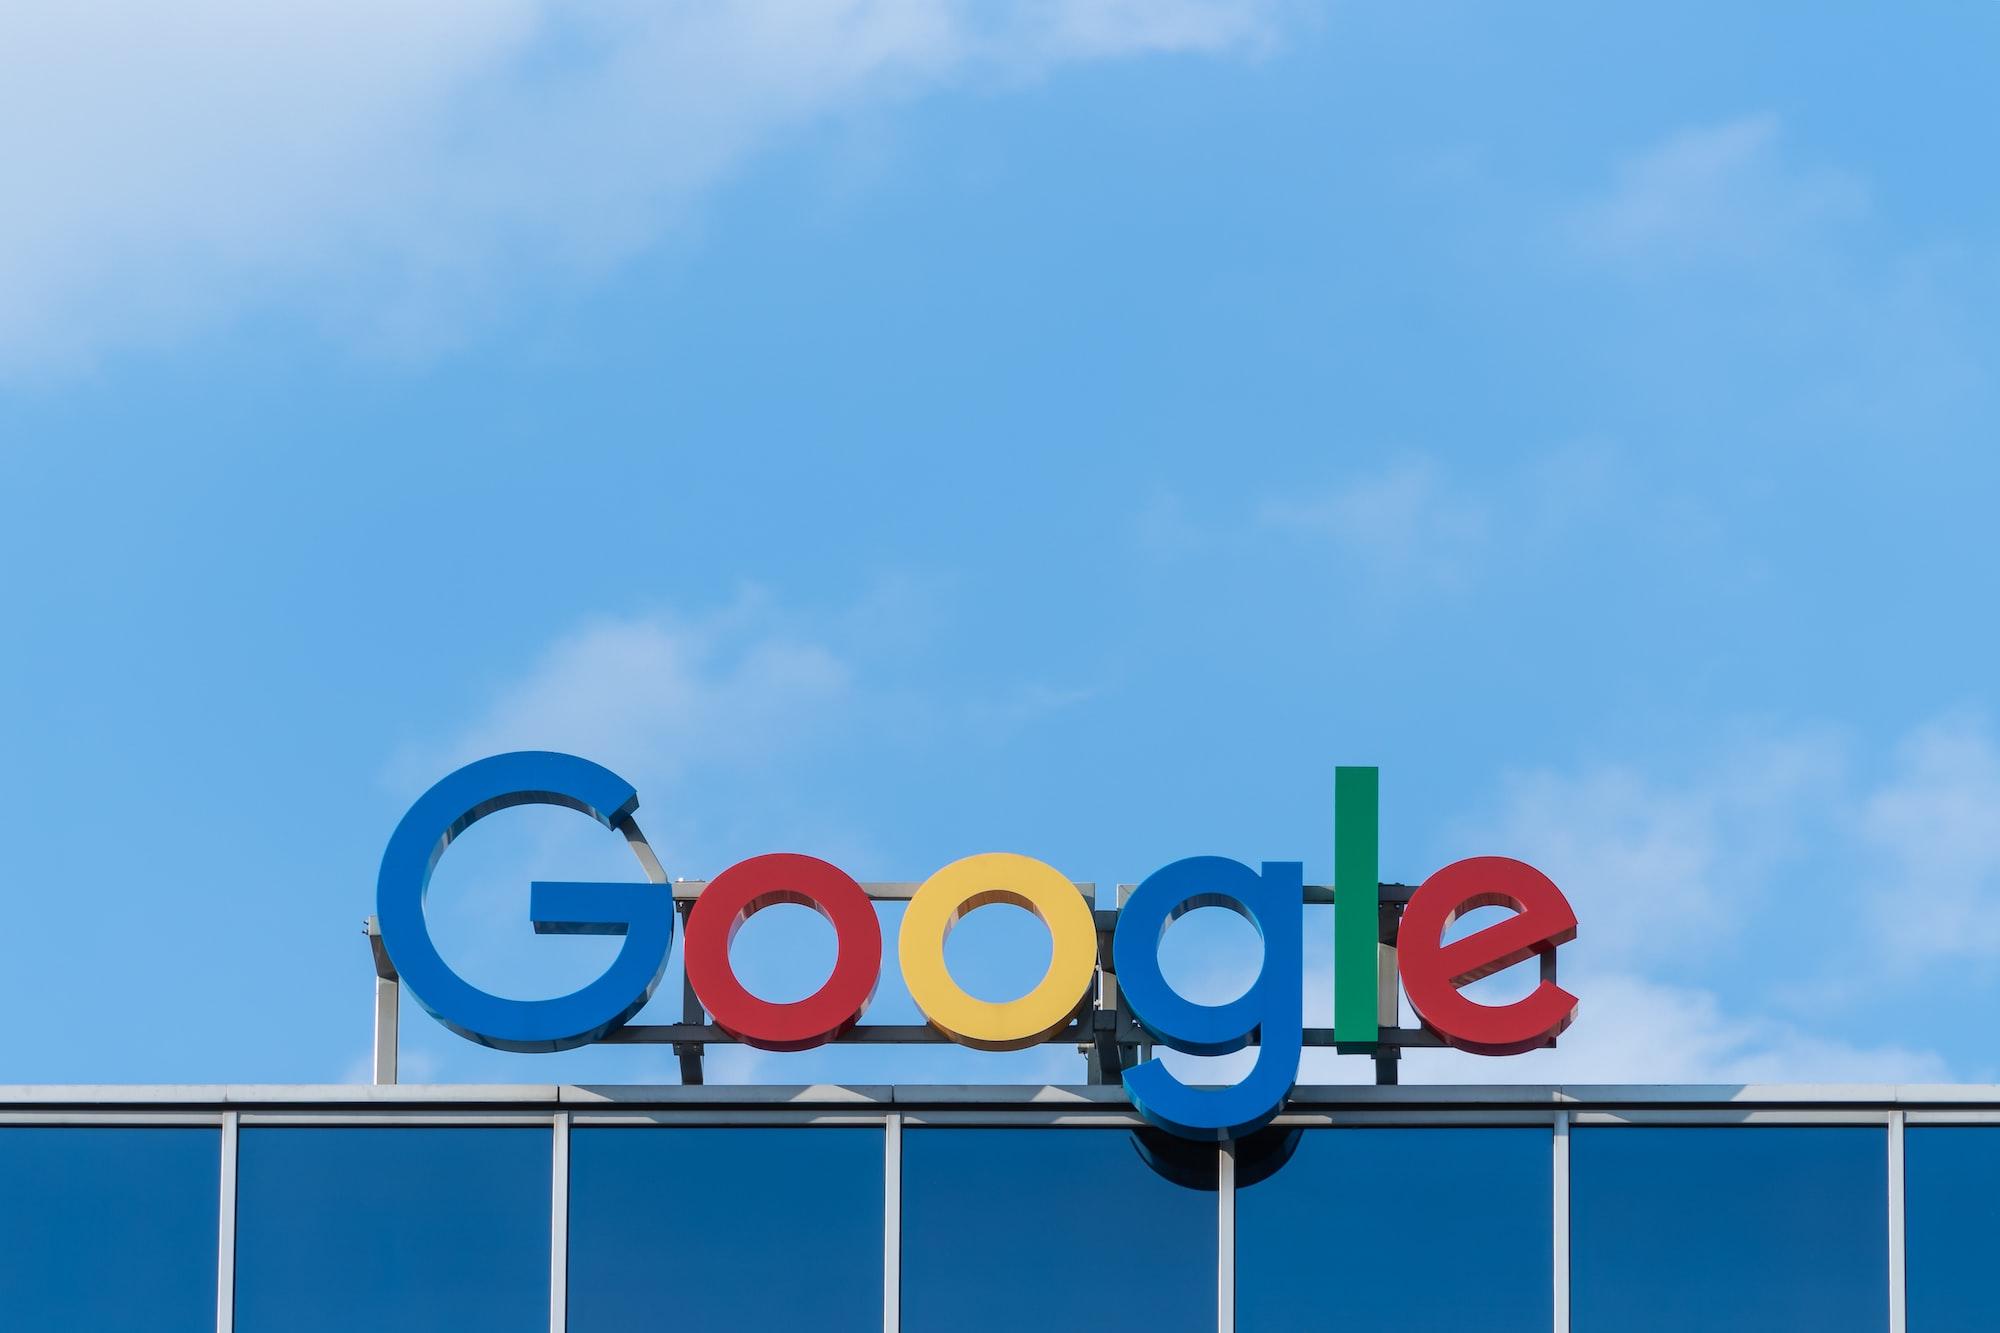 Сотрудники Google обвиняют компанию в ненадлежащем рассмотрении дела о сексуальном насилии